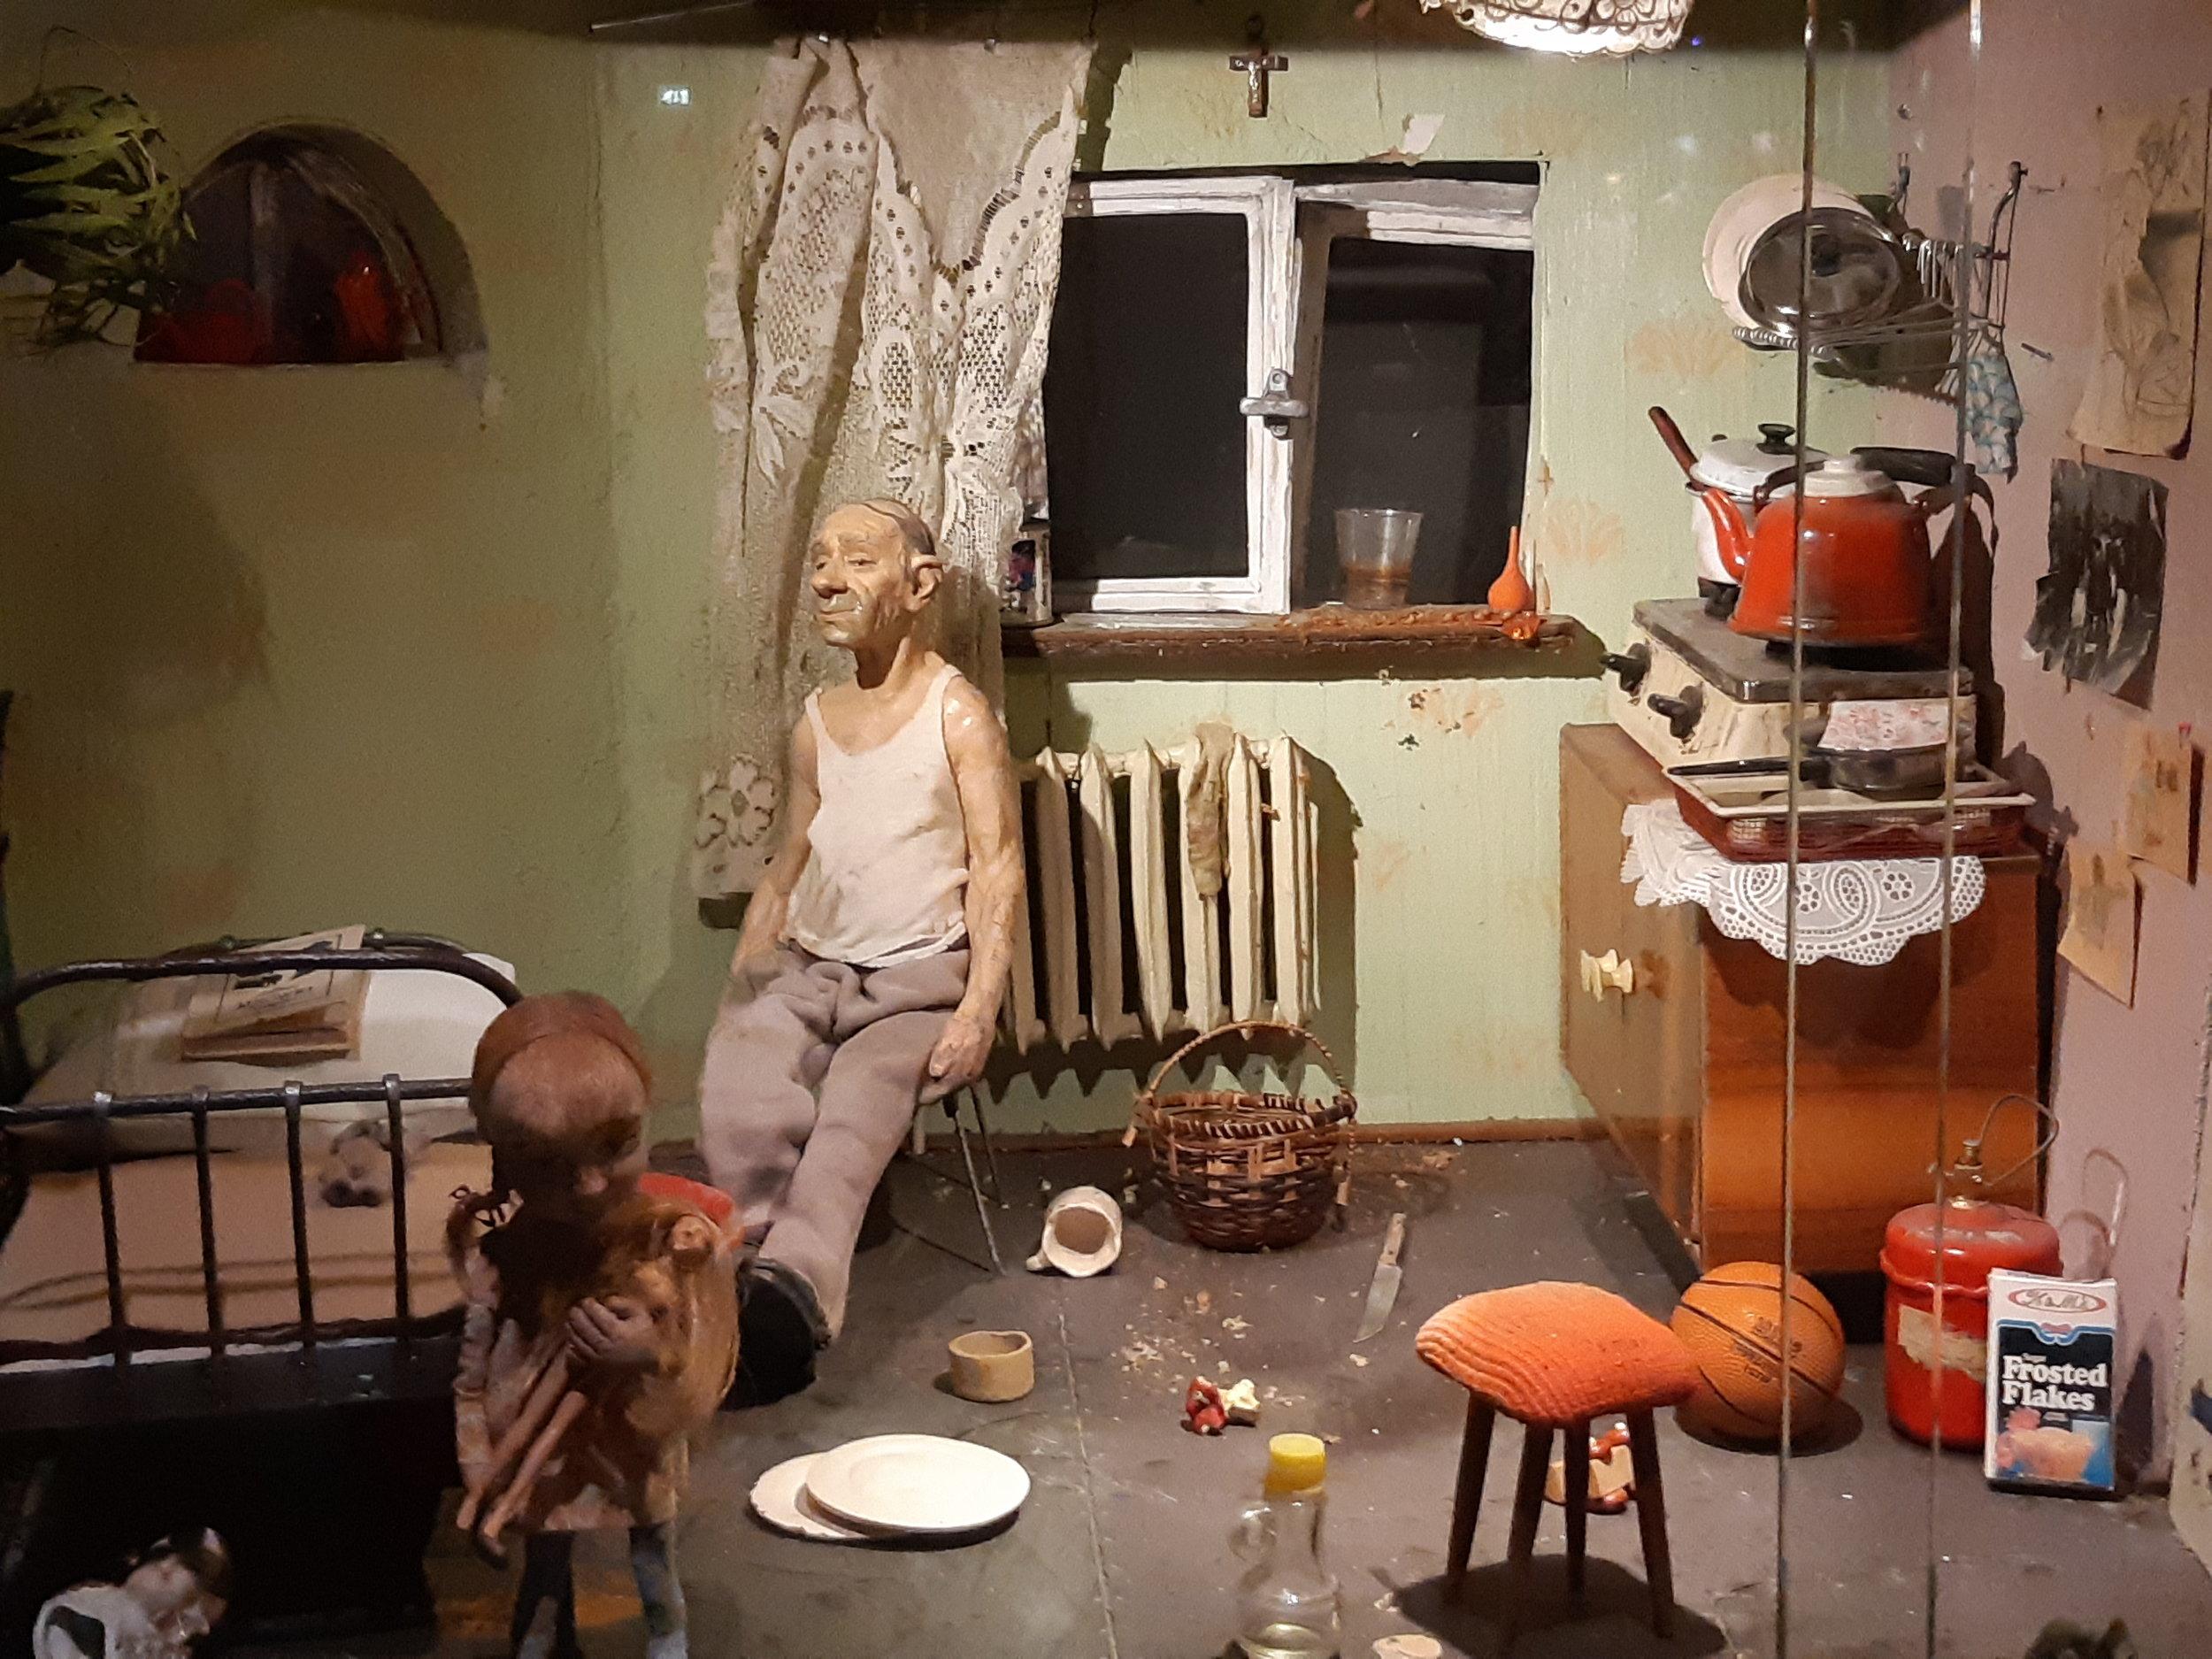 Alakerran asukas on sotkuinen ja ylipainoinen, yksinäinen mies, jota ympäröivät kaikenlaiset kulutushyödykkeet elektoroniikasta elintarvikkeisiin.  Nukkien tekeminen oli tärkeä elinkeino Althamerin perheelle 1990-luvulla, ennen kuin hän vakiinnutti asemansa taiteilijana.